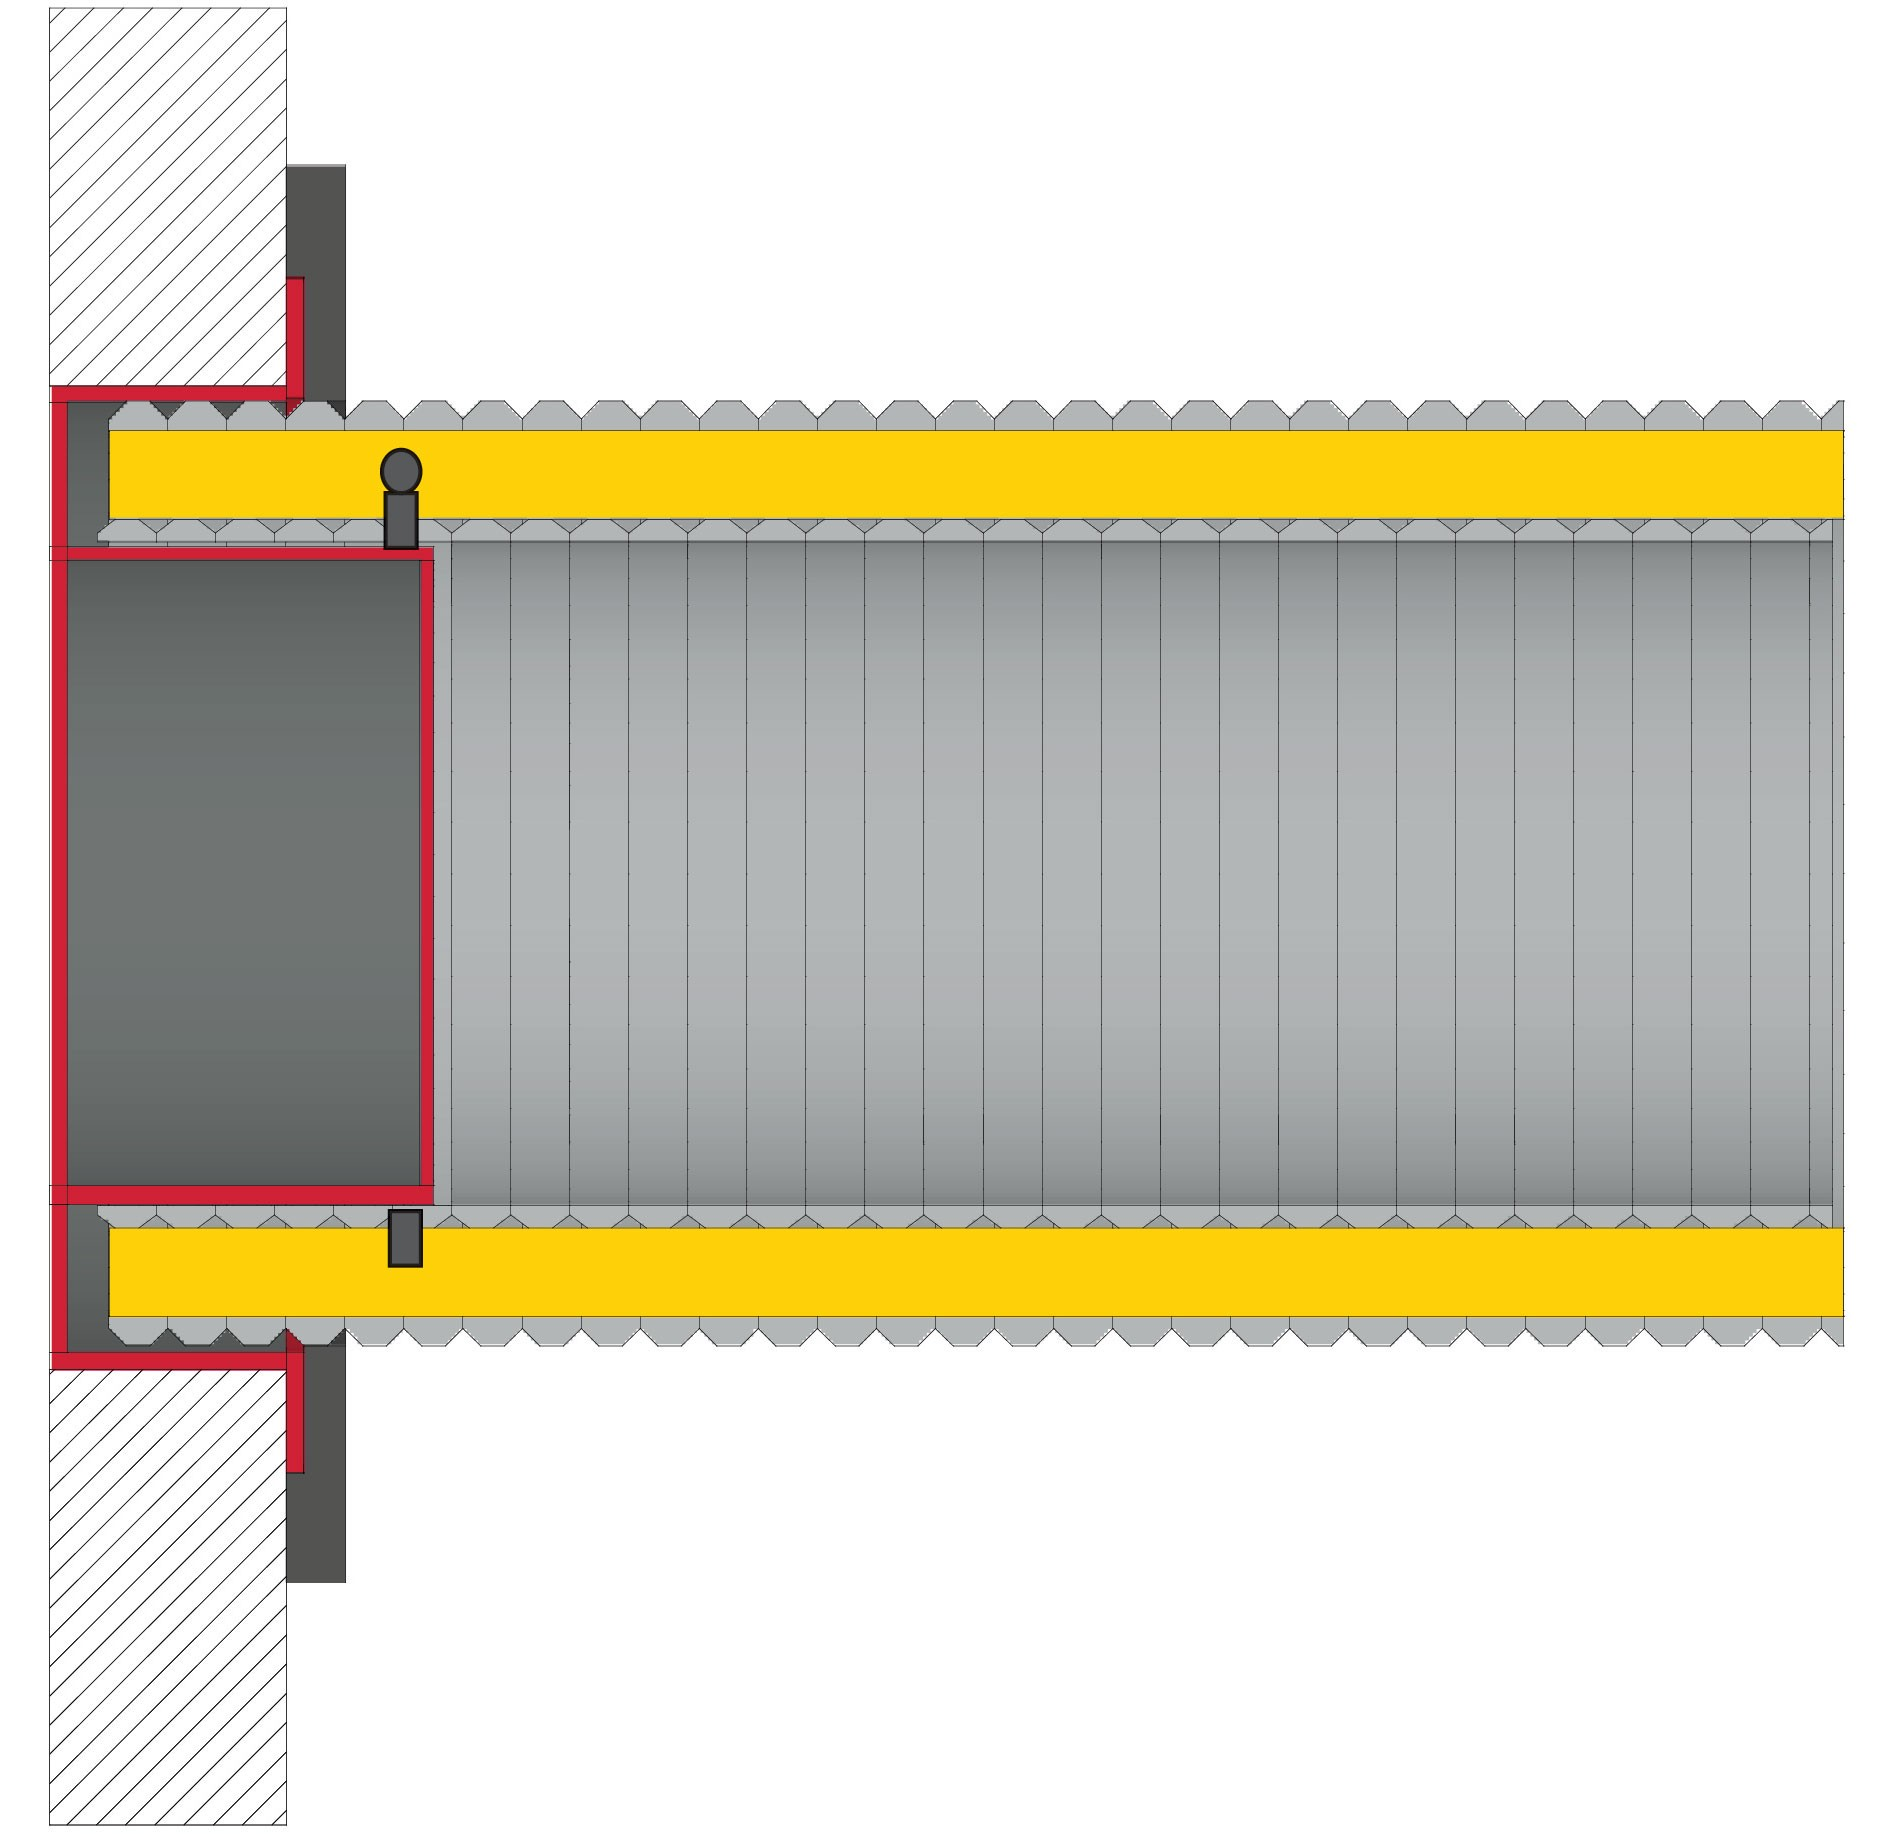 Anschlussstutzen für externe Luftzufuhr Ø 80 mm verzinkt LAS Ringspalt Bild 2